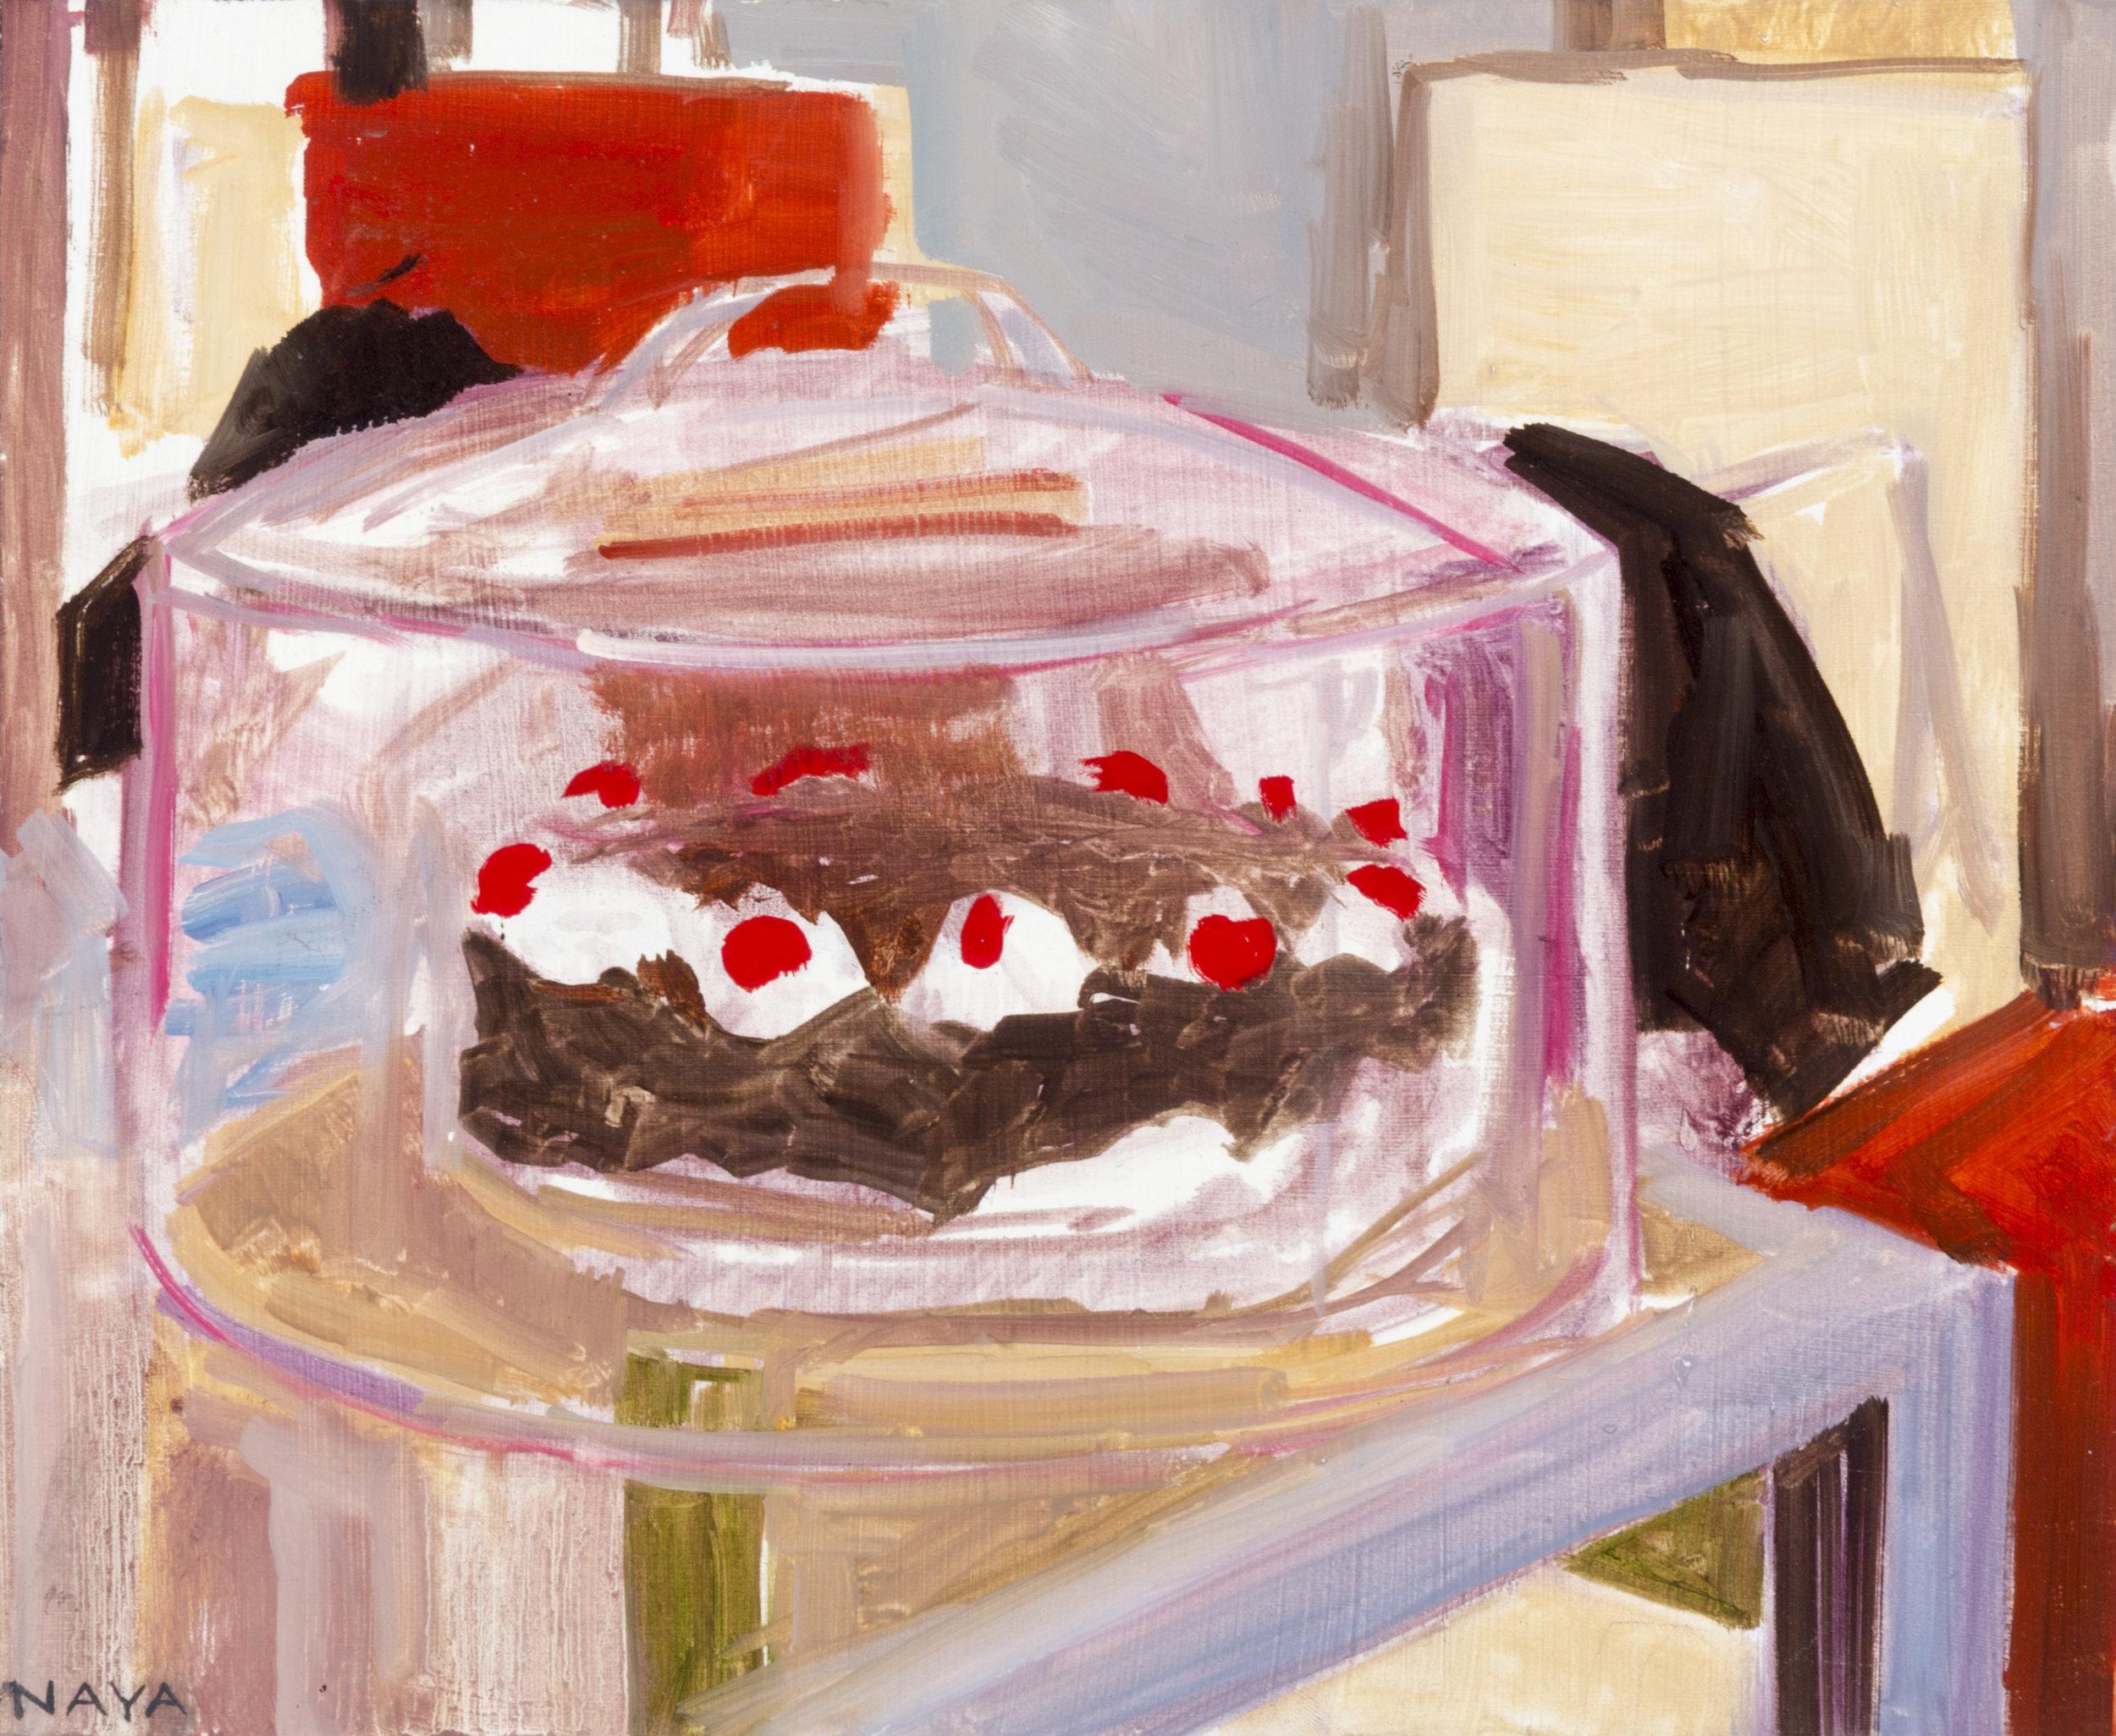 Bricher_RR Diner Cherry Cake.jpg